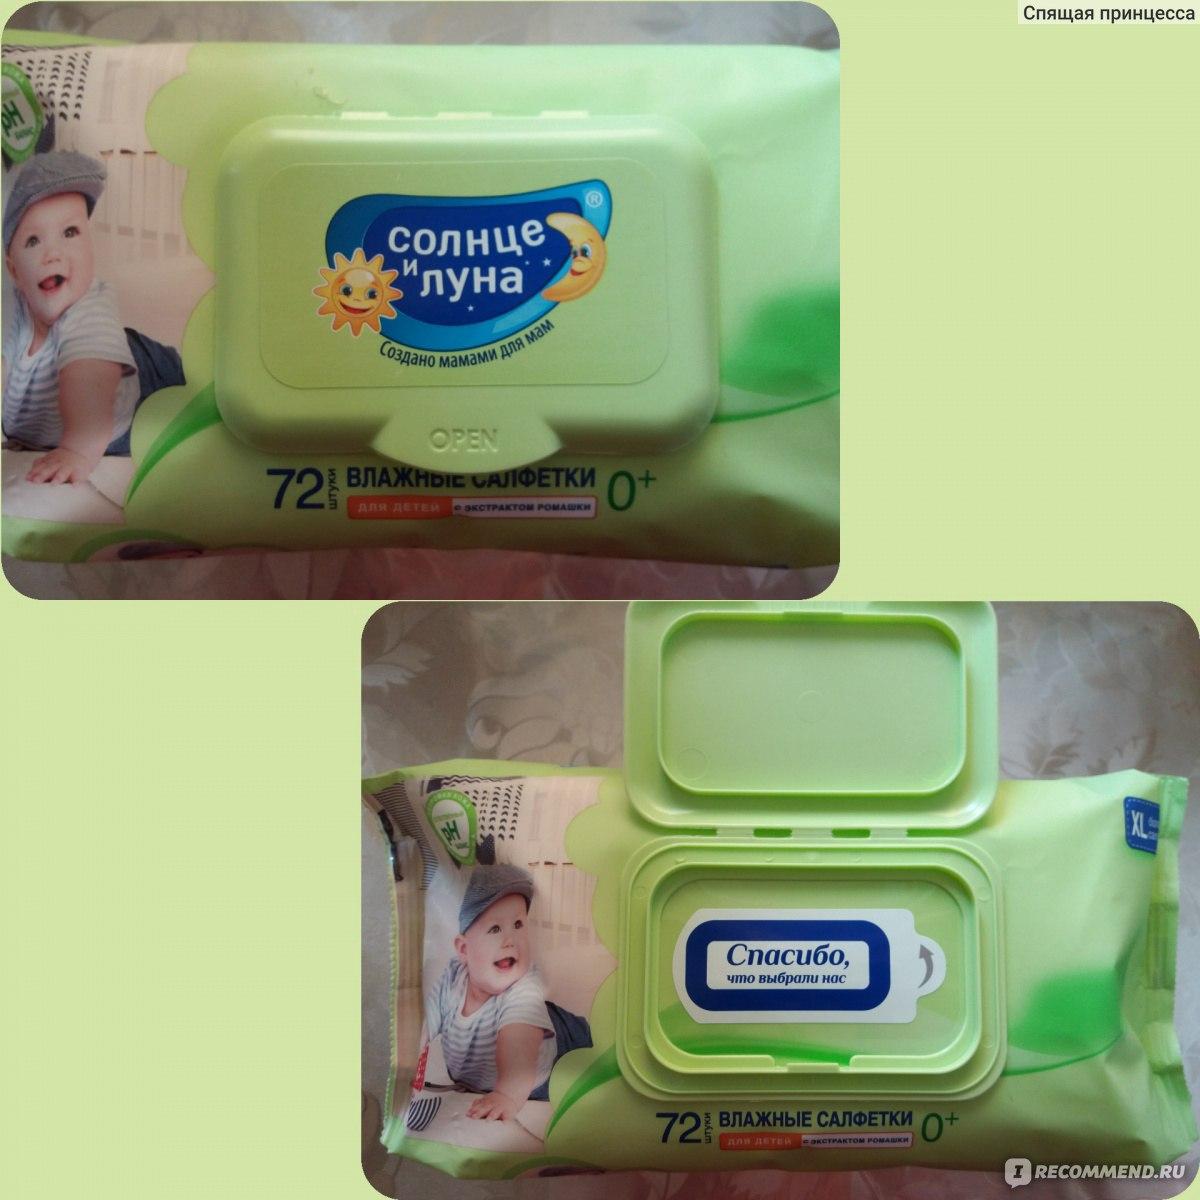 Натуральные влажные салфетки своими руками для детей